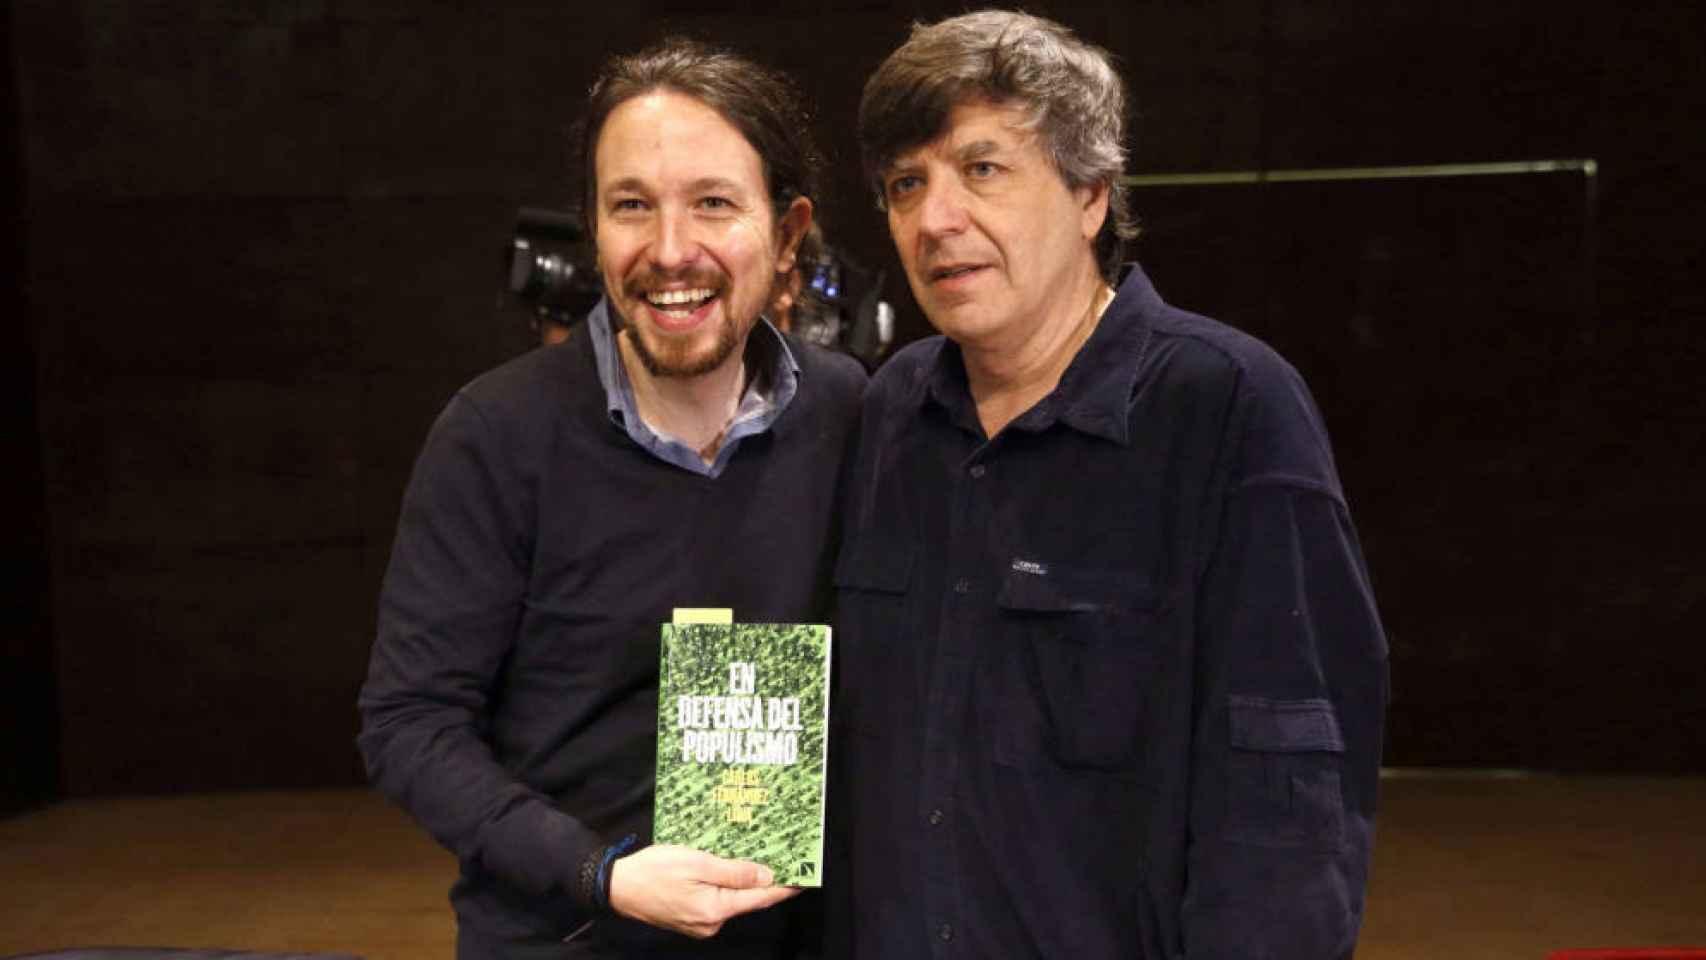 Pablo Iglesias junto a Fernández Liria, presentando el libro En defensa del populismo.